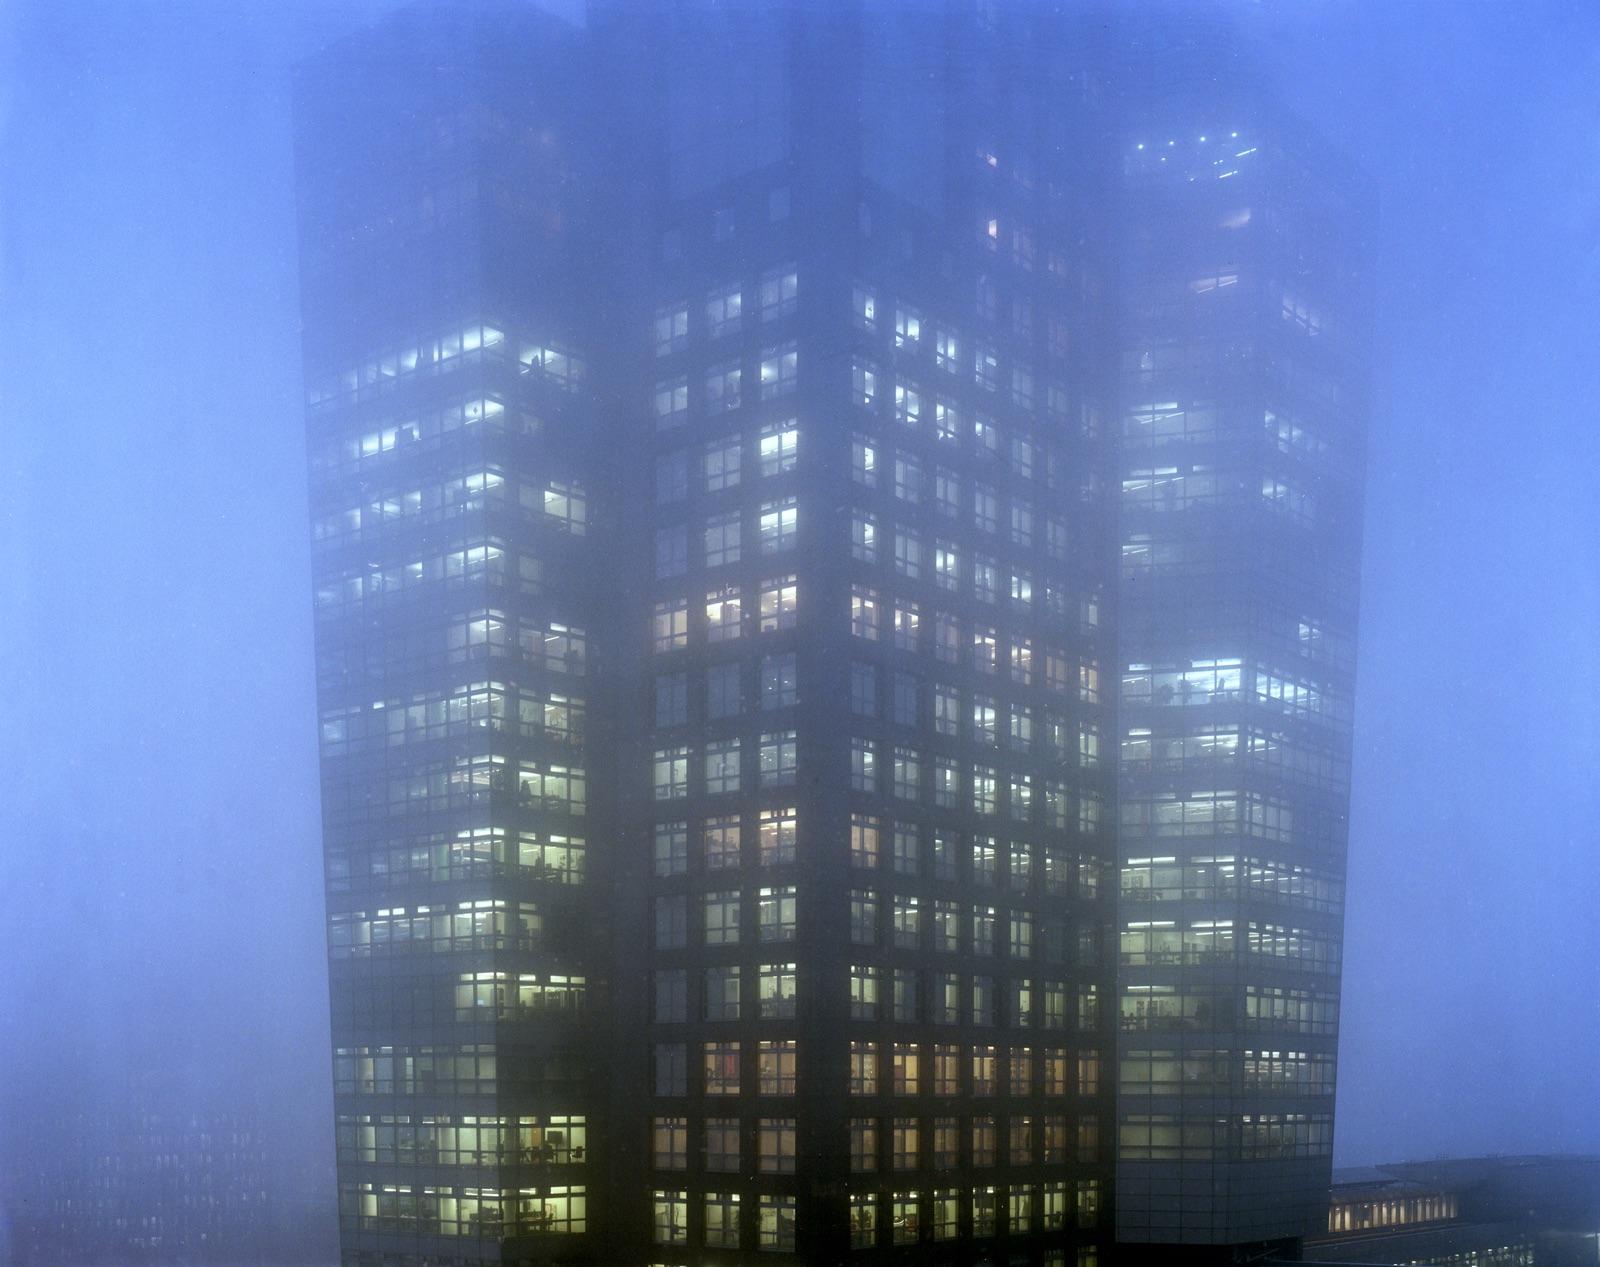 foto van een gebouw op de Zuidas van Amsterdam in de mist